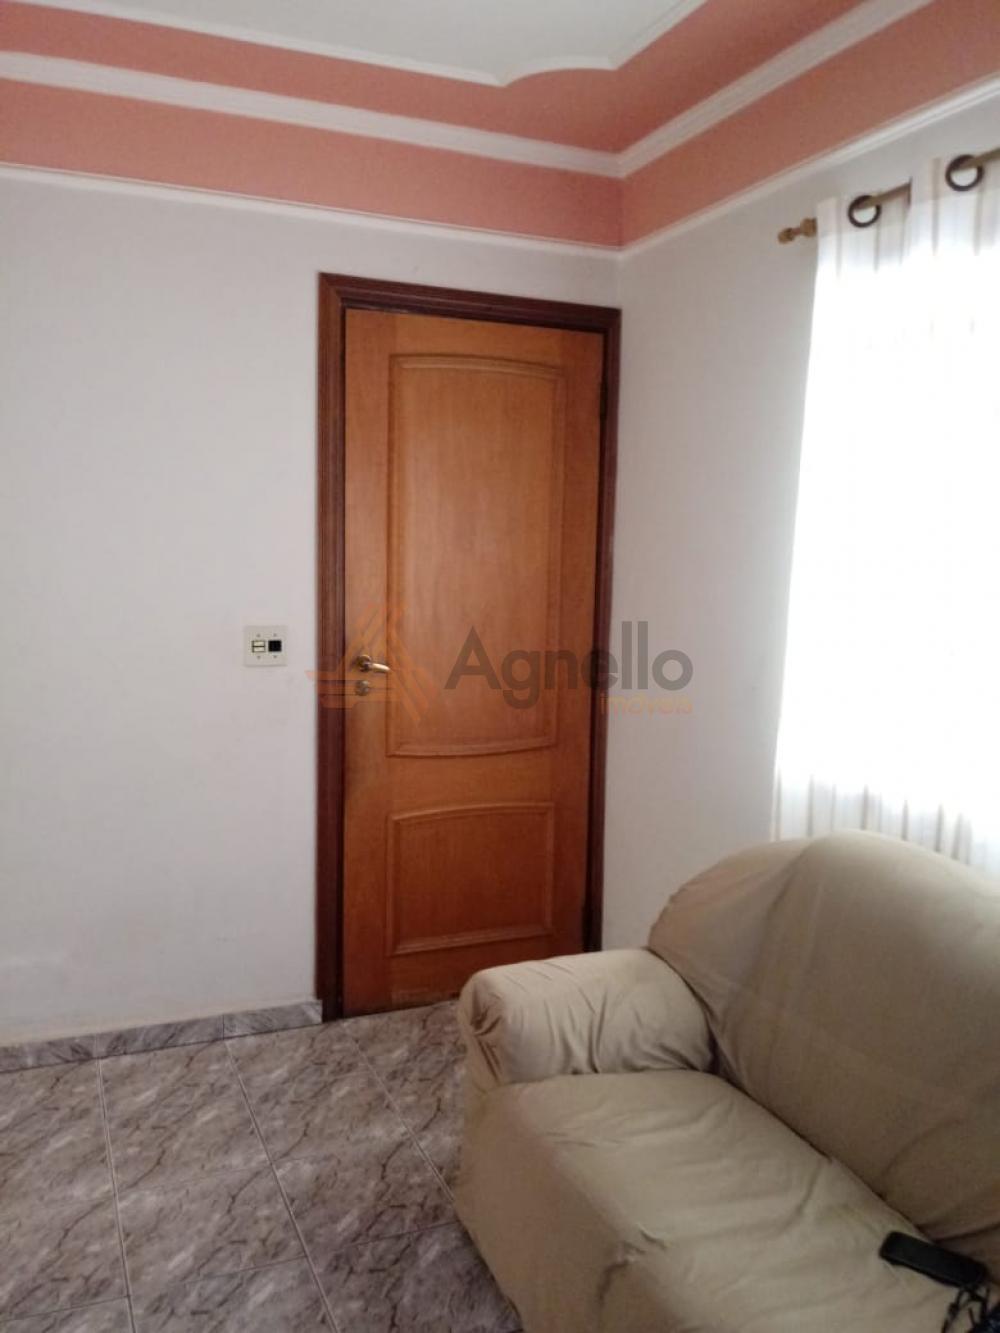 Comprar Casa / Bairro em Franca R$ 150.000,00 - Foto 3